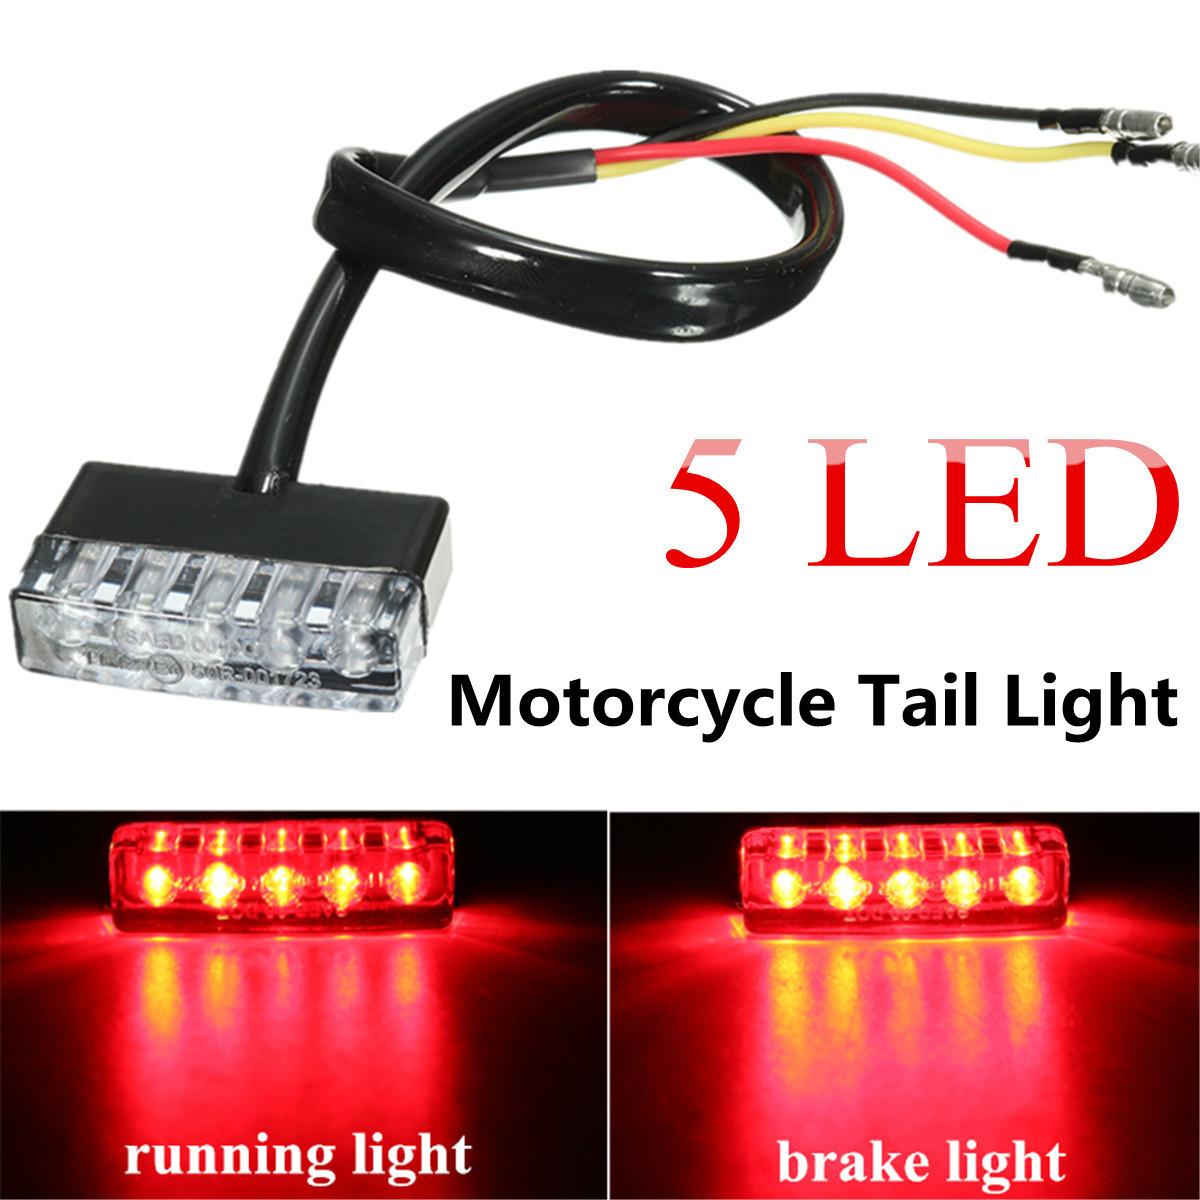 12V 5 LED Rear Tail Running Stop Brake Light Red Lamp ...